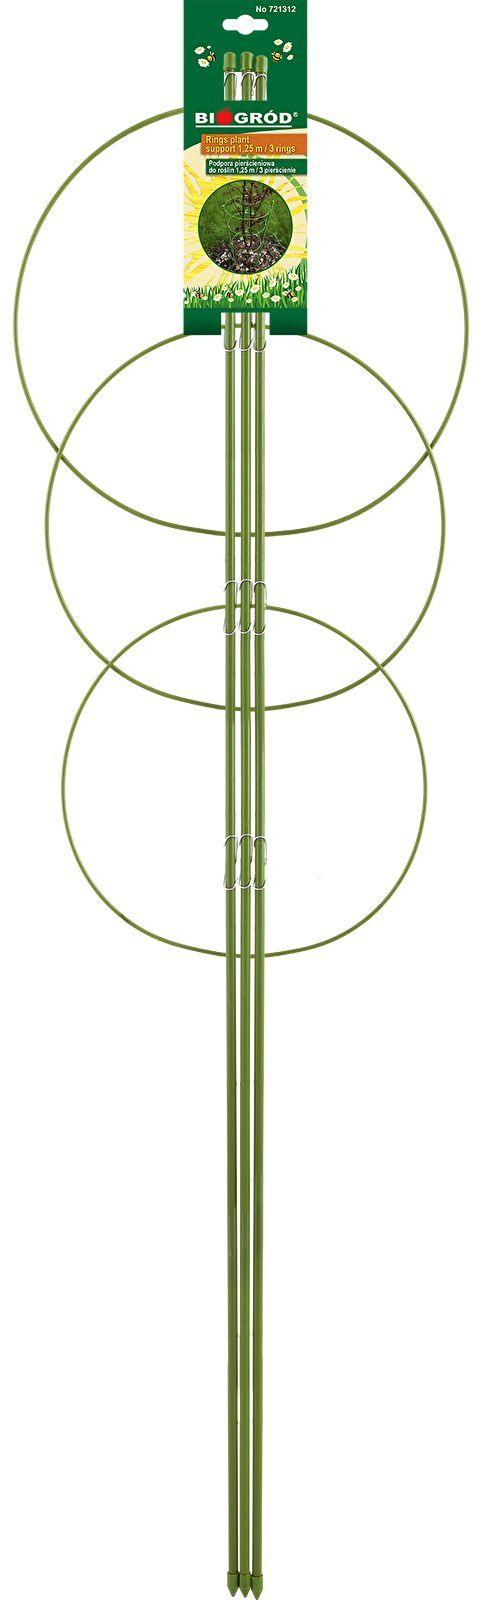 Podpora pierścieniowa do roślin 3 pierścienie 1,2m